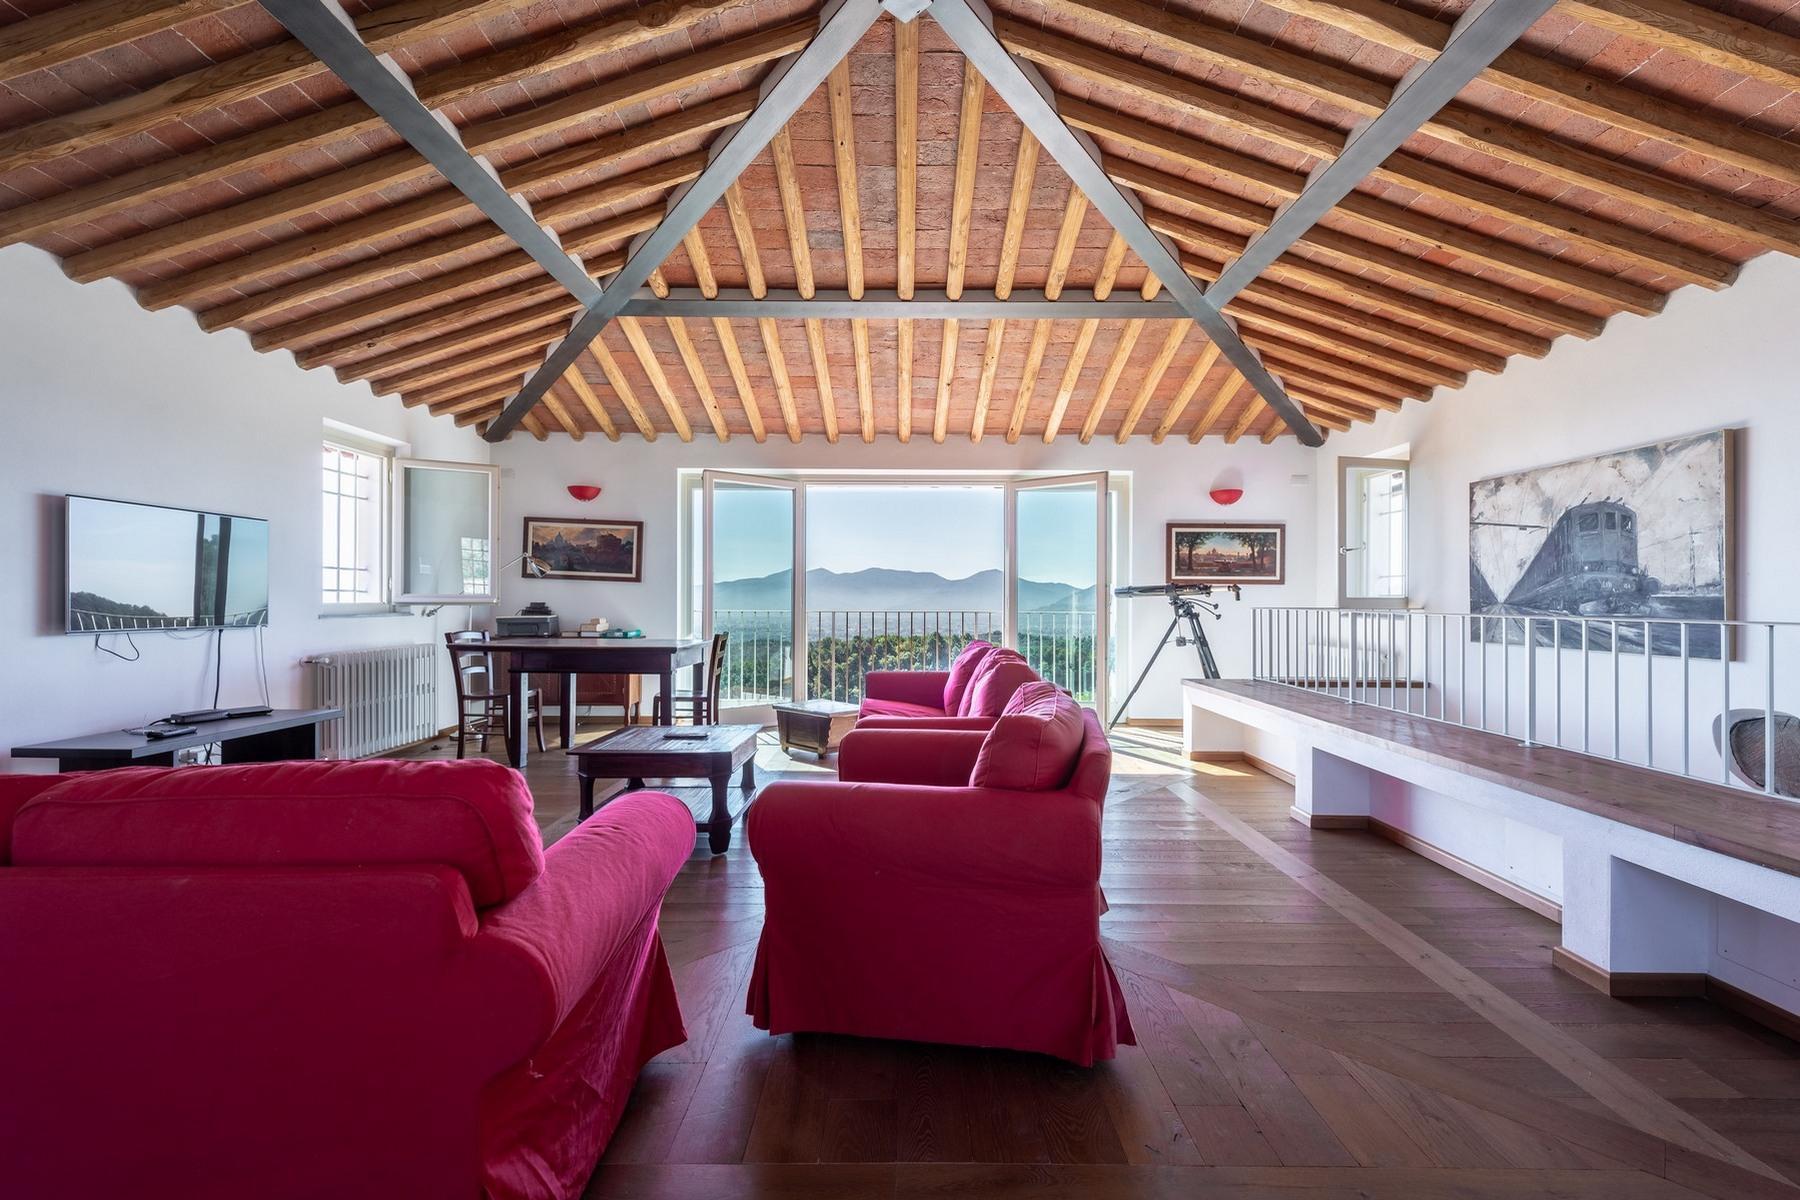 Lucca 山丘之上拥有游泳池的壮观别墅 - 6